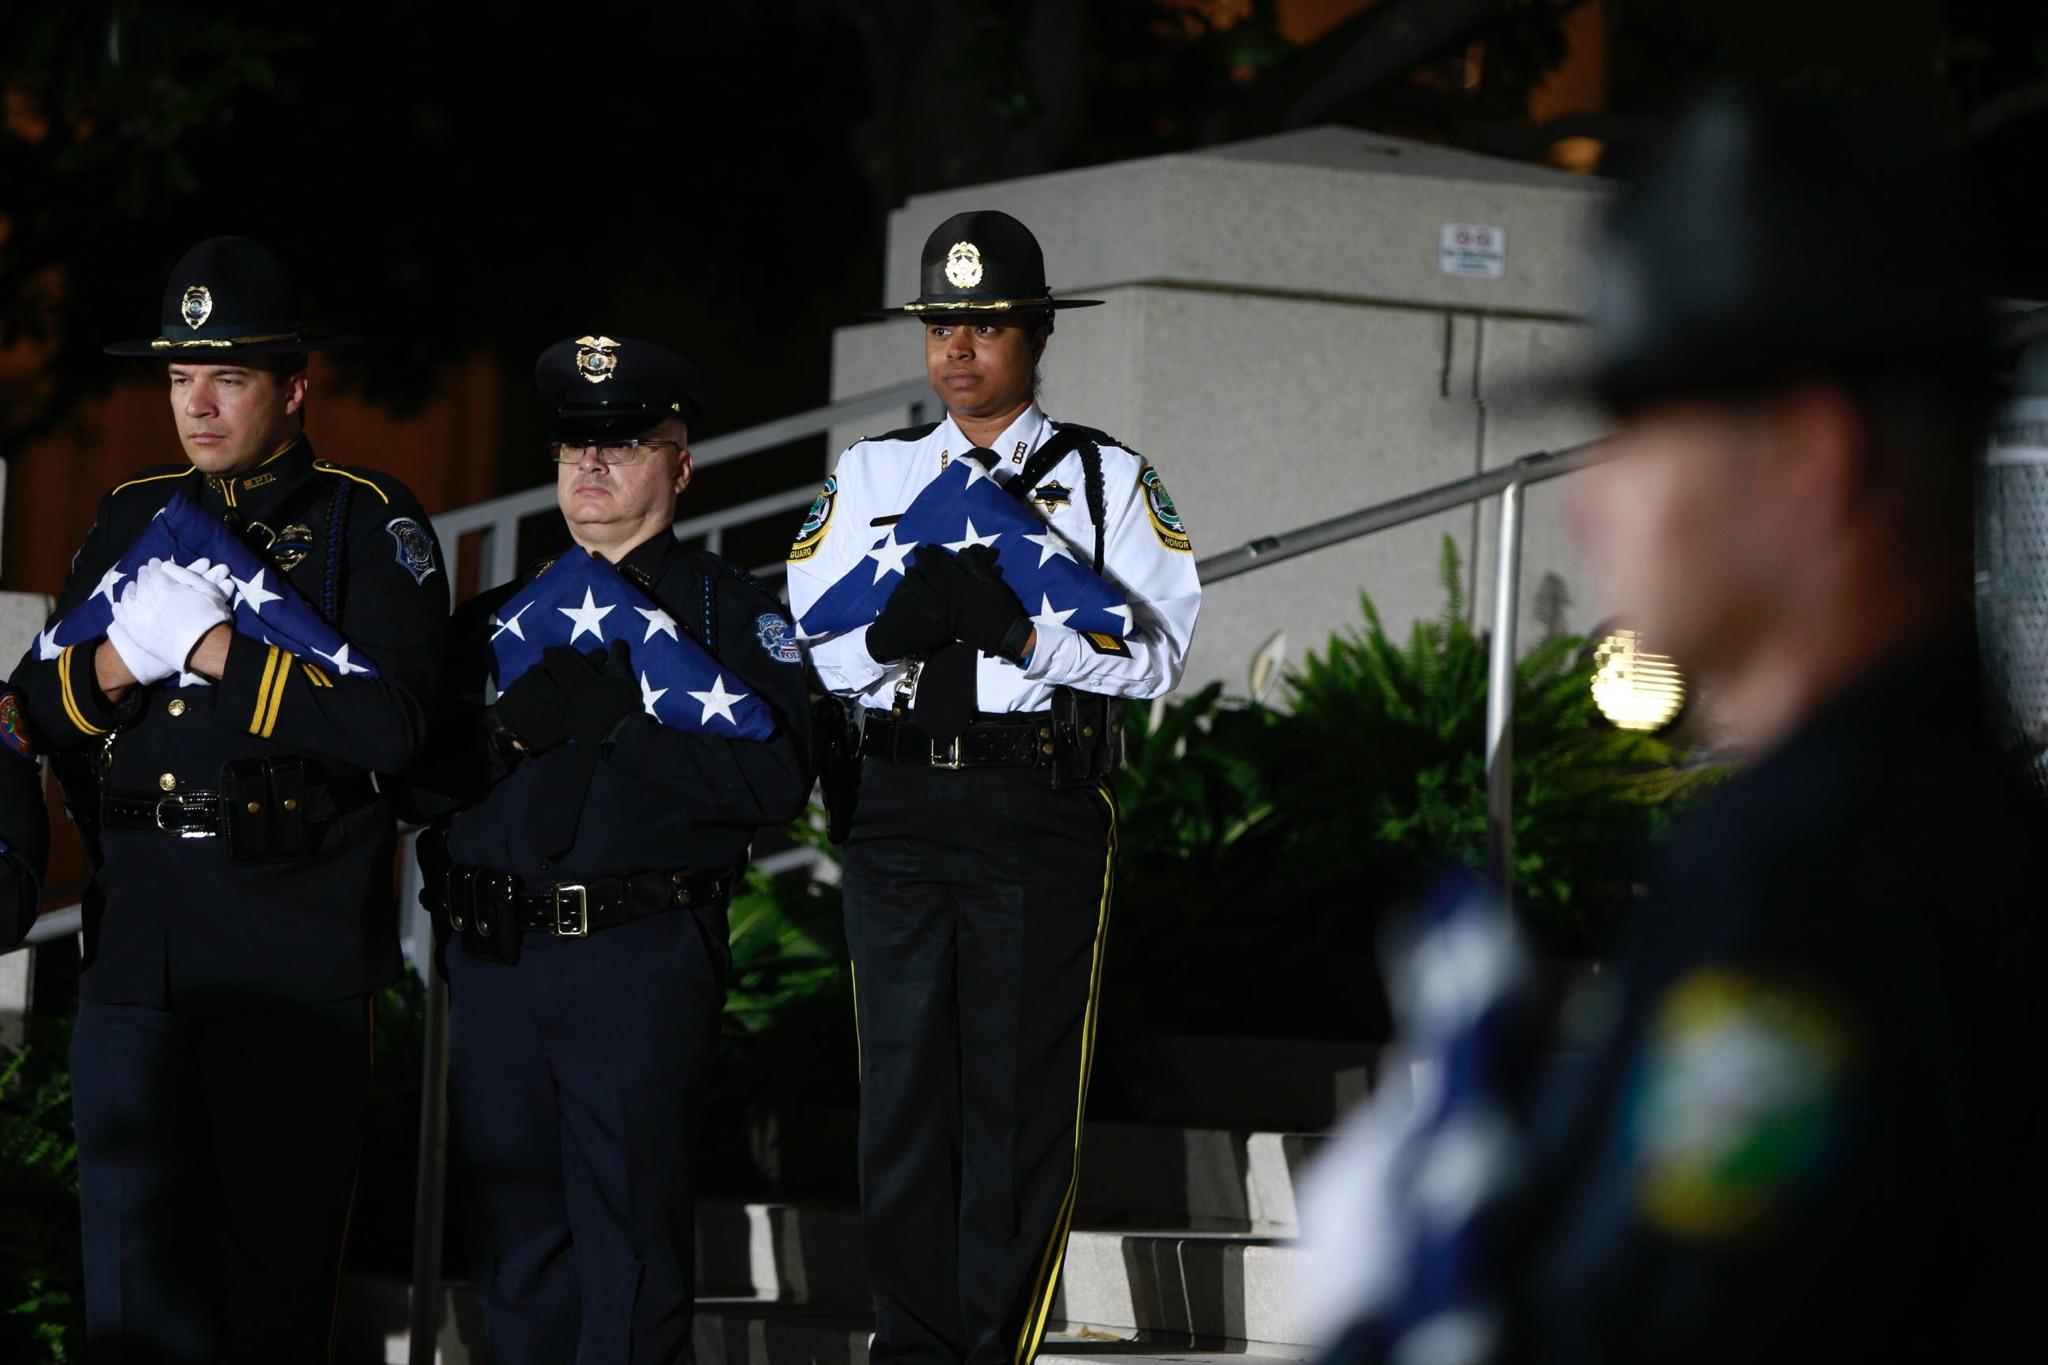 Oficiales de policía en el palco sosteniendo banderas dobladas en forma triangular